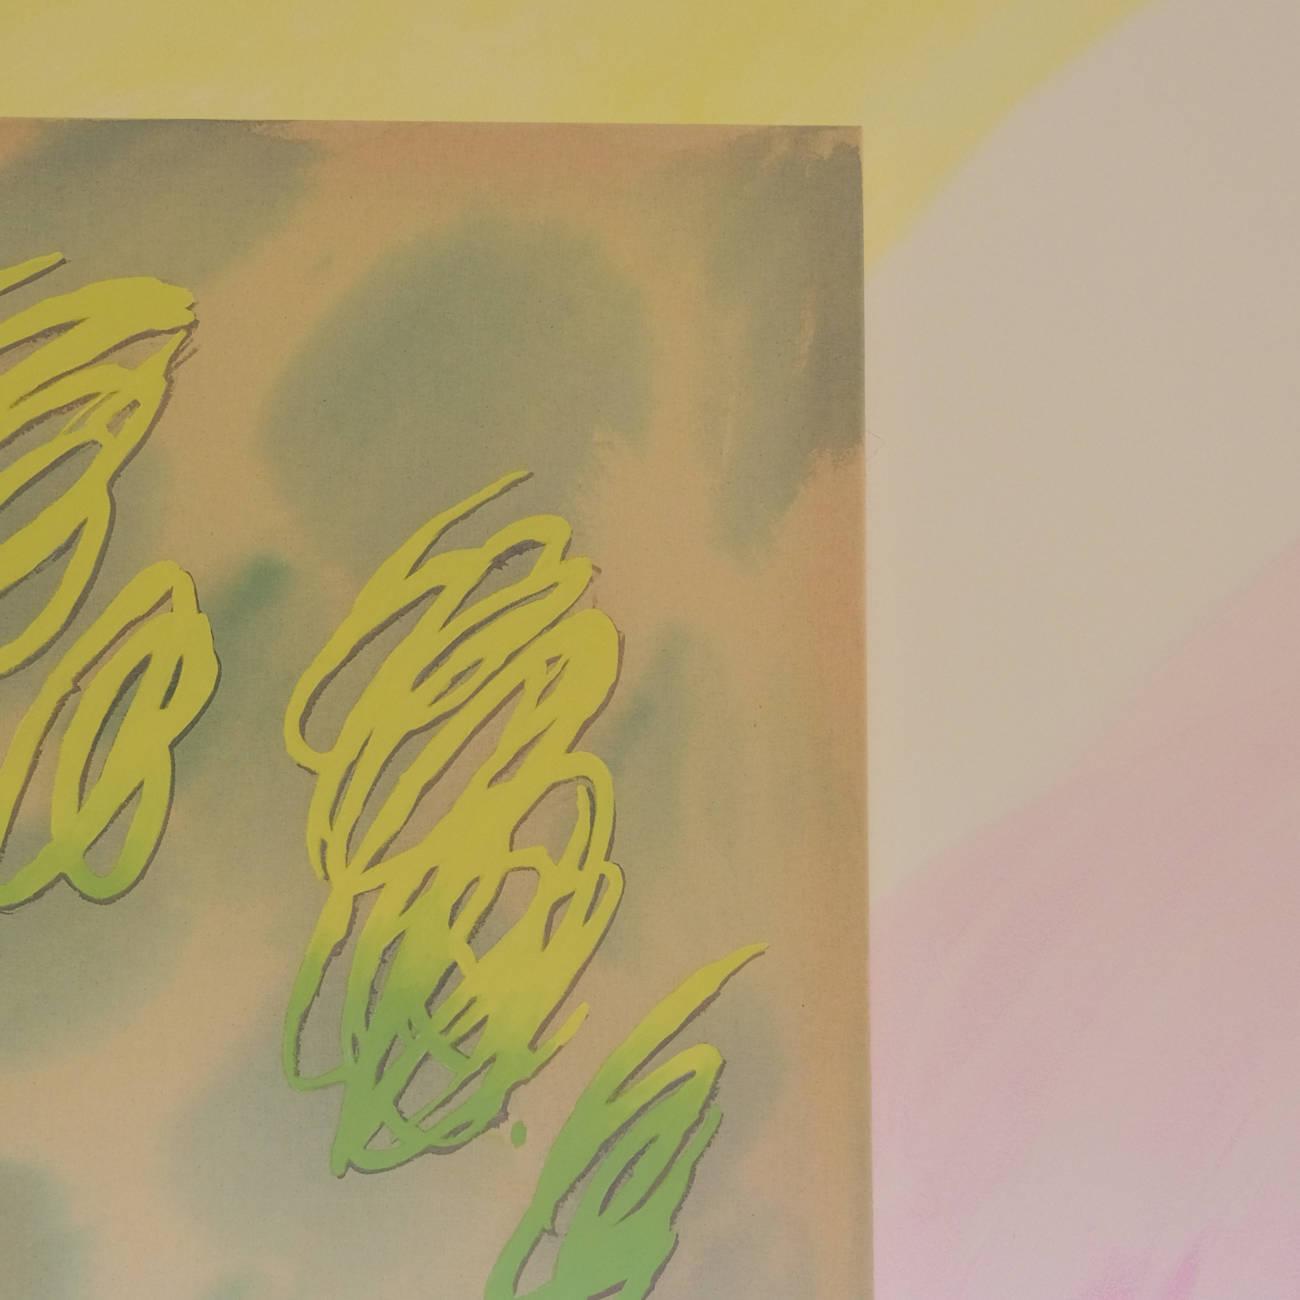 """""""Welcome to a Land of Needs and Desires"""", oeuvres d'Hazel Ann Watling, visite par Claire Migraine, thankyouforcoming à la Vague de Saint-Paul © Evelyne Creusot"""